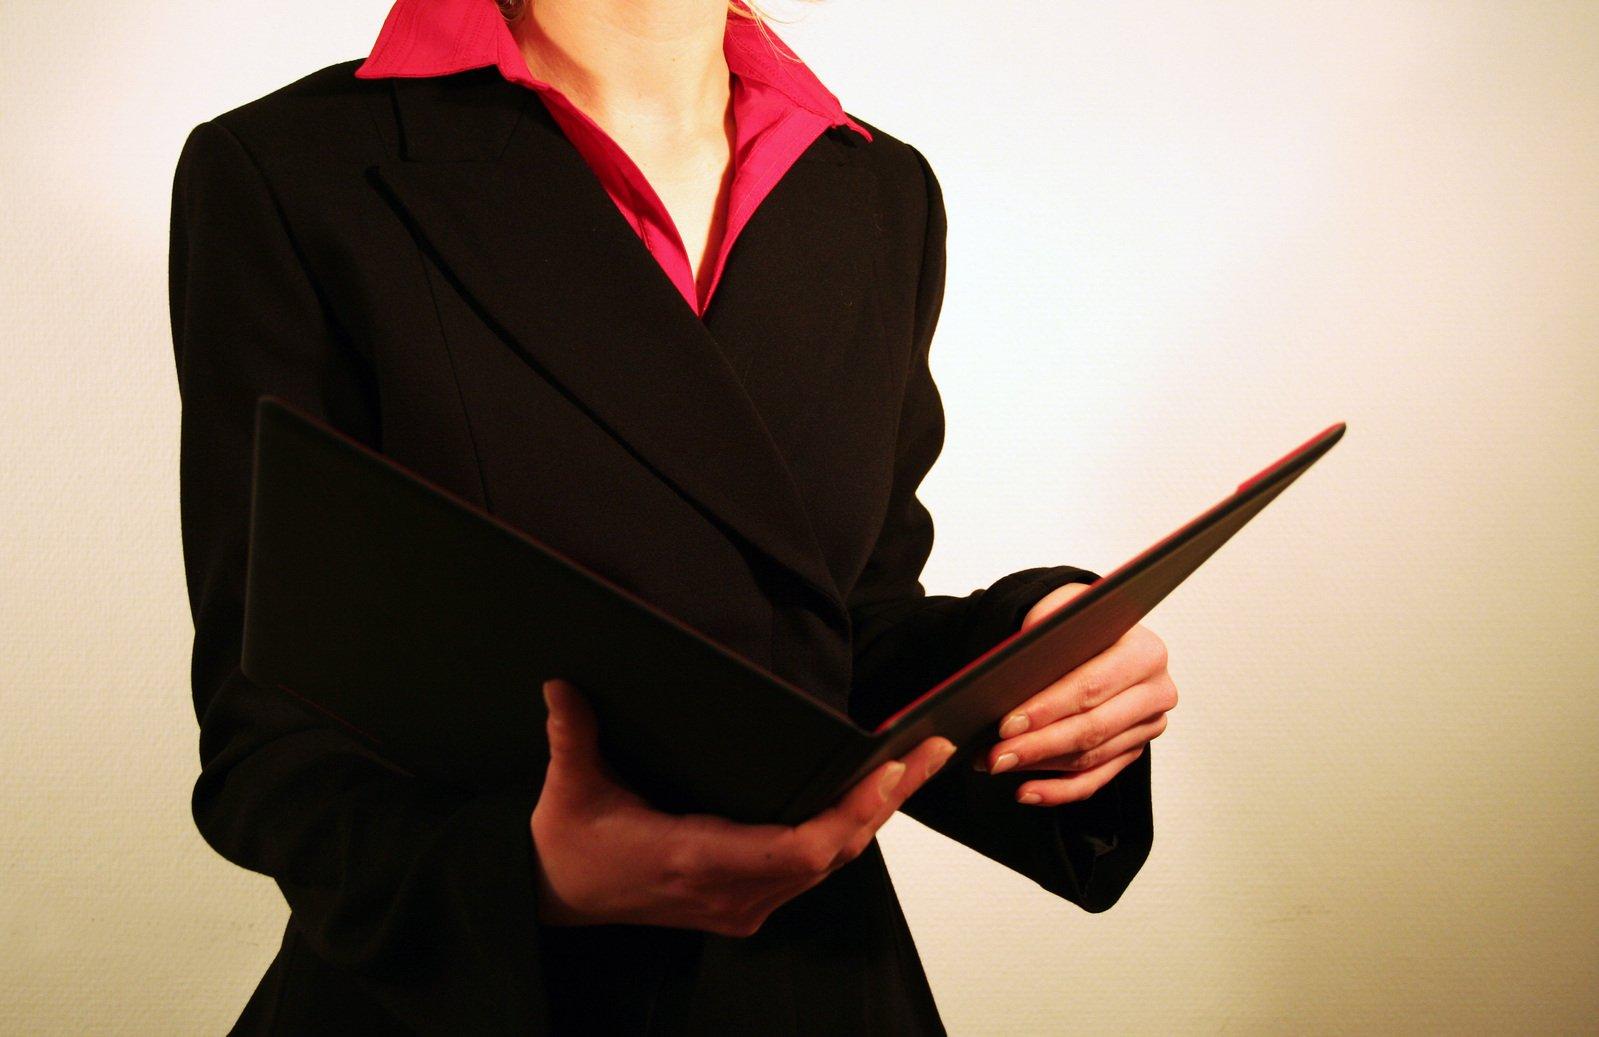 žena v černém saku a červené košili s otevřenou složkou